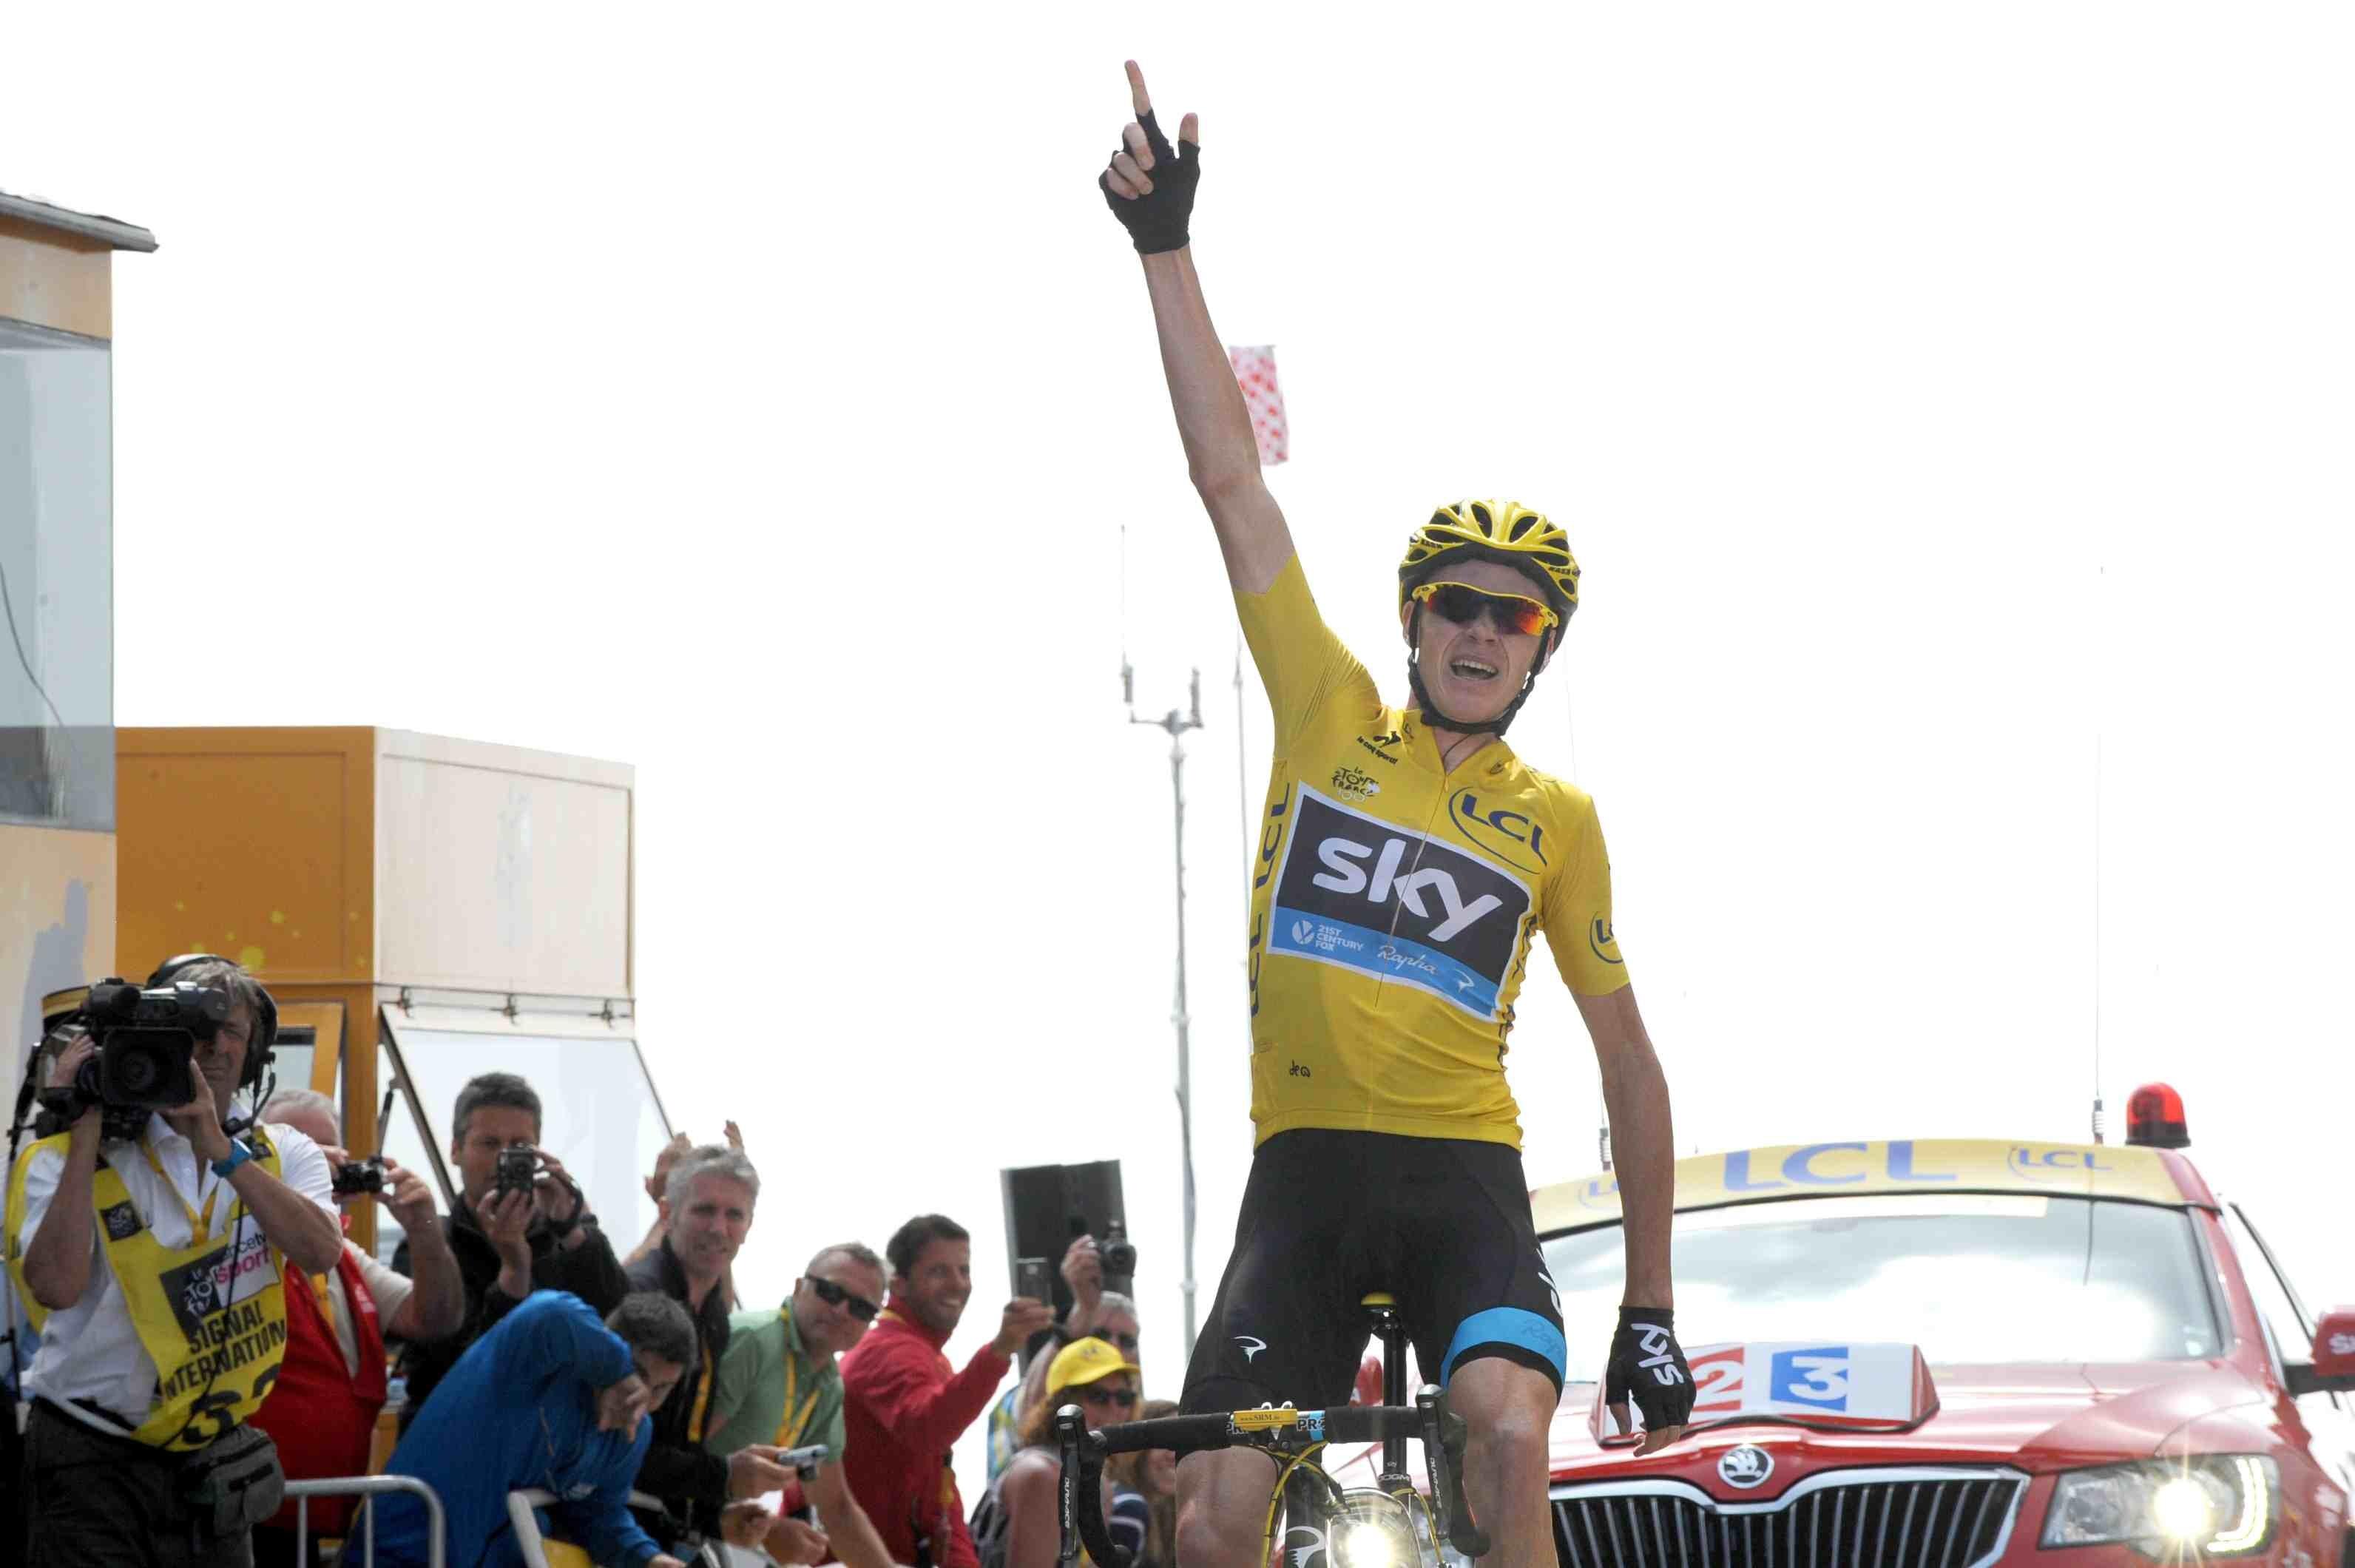 Tour de France 2013, stage 15, Chris Froome, Mont Ventoux